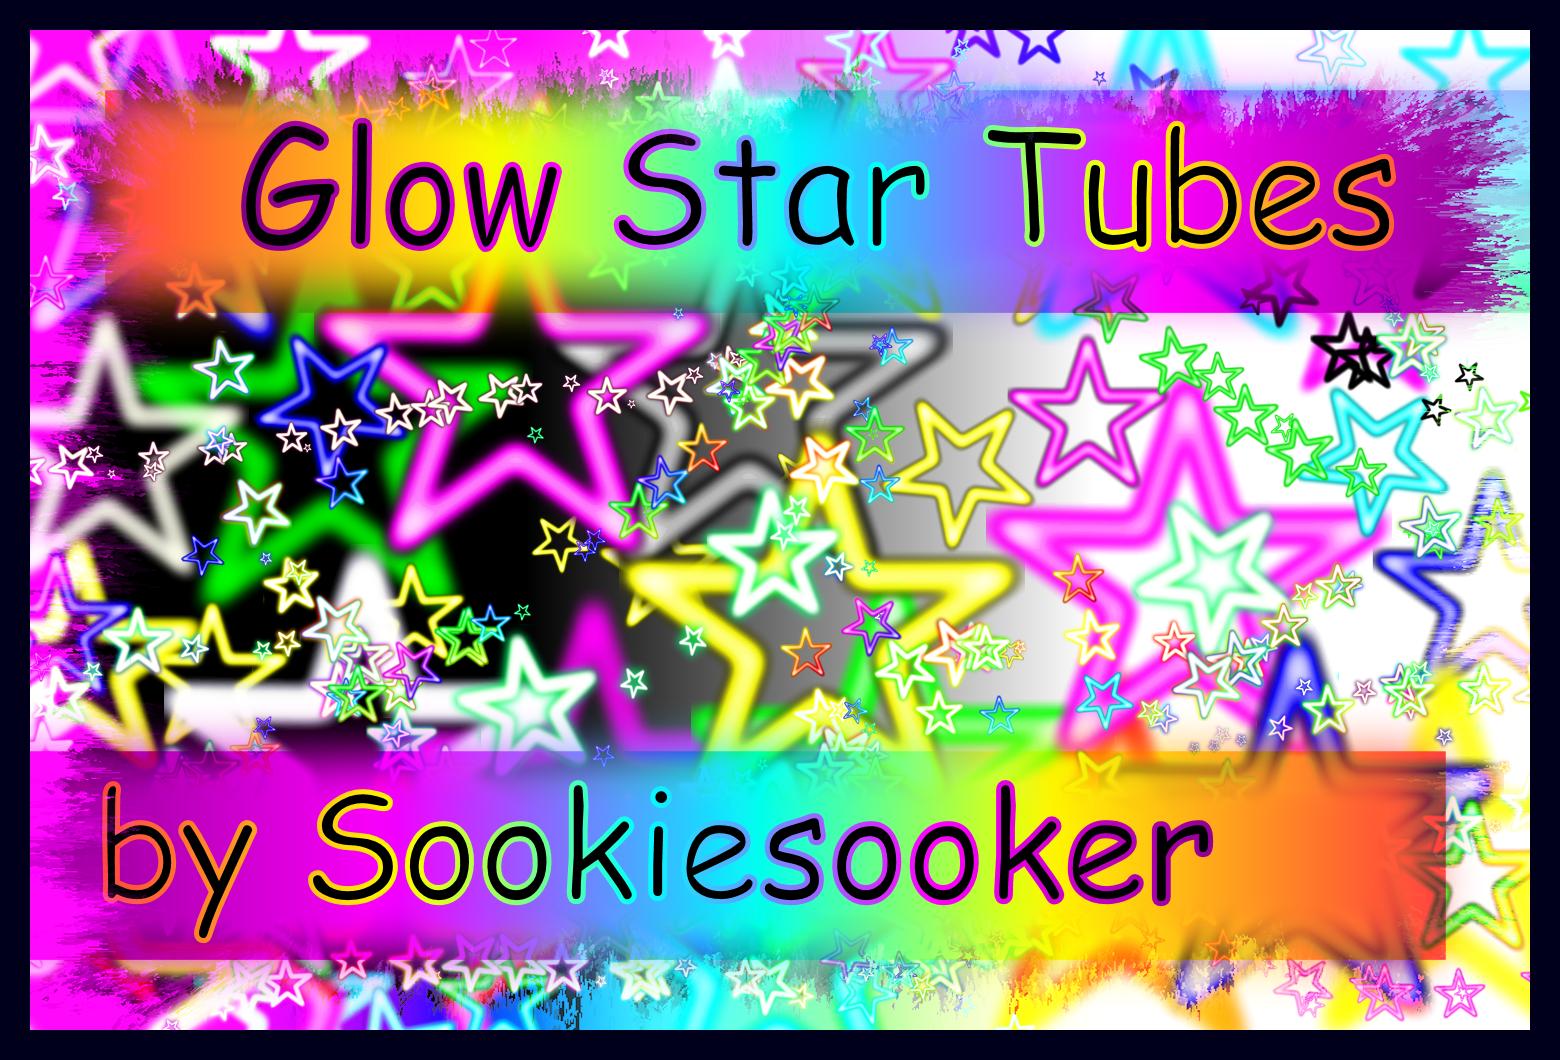 Corel PSP Glow Star Tubes by Sookiesooker by sookiesooker